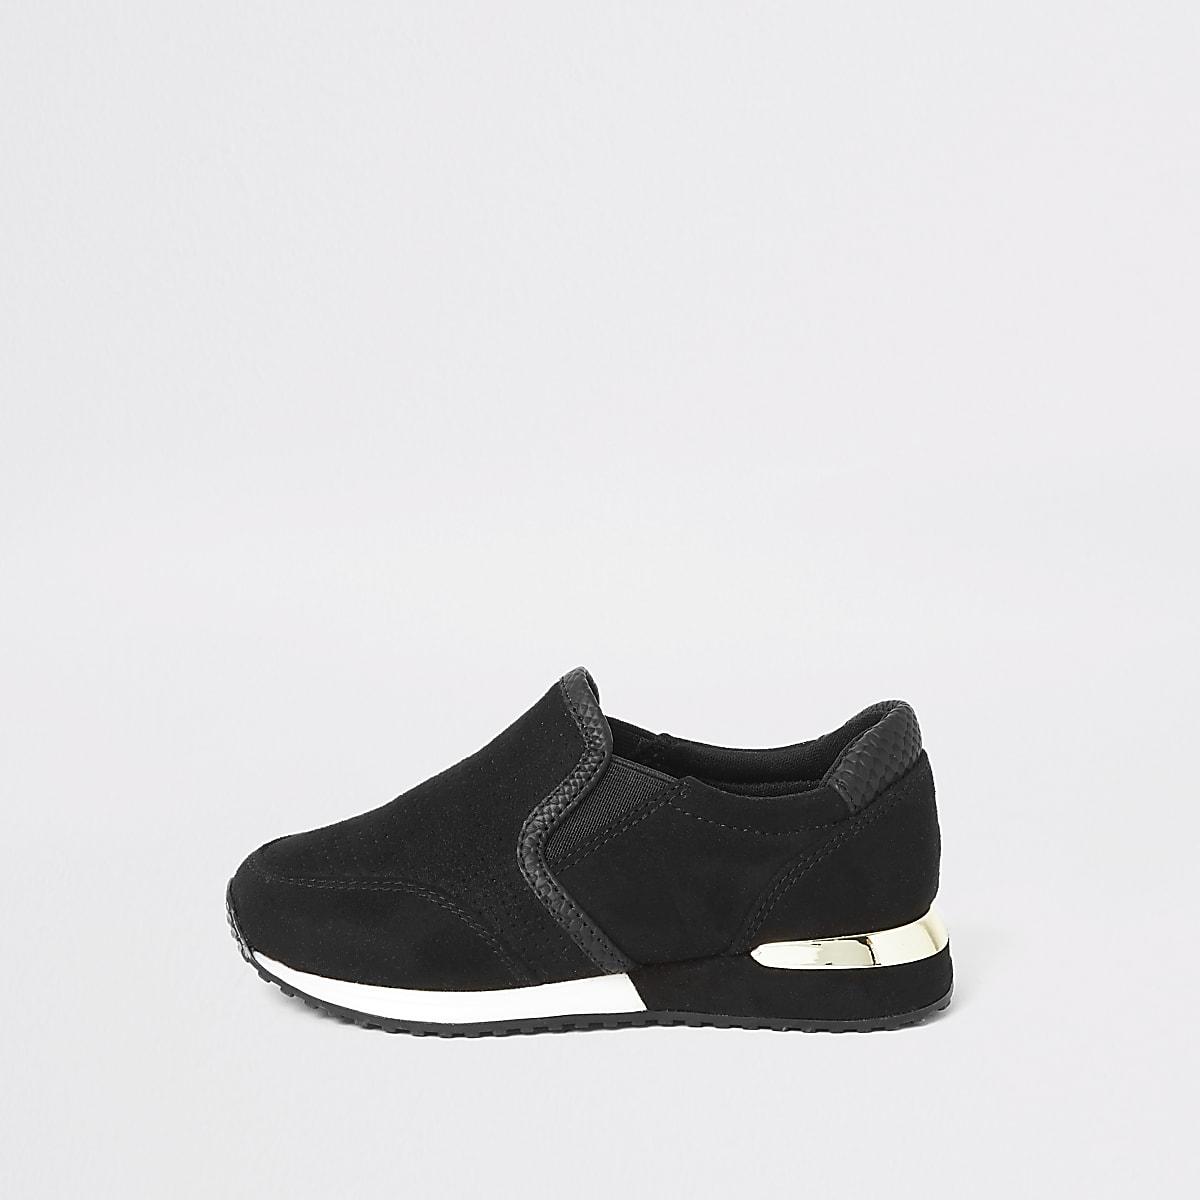 Mini - Zwarte hardloopschoenen met perforaties voor meisjes